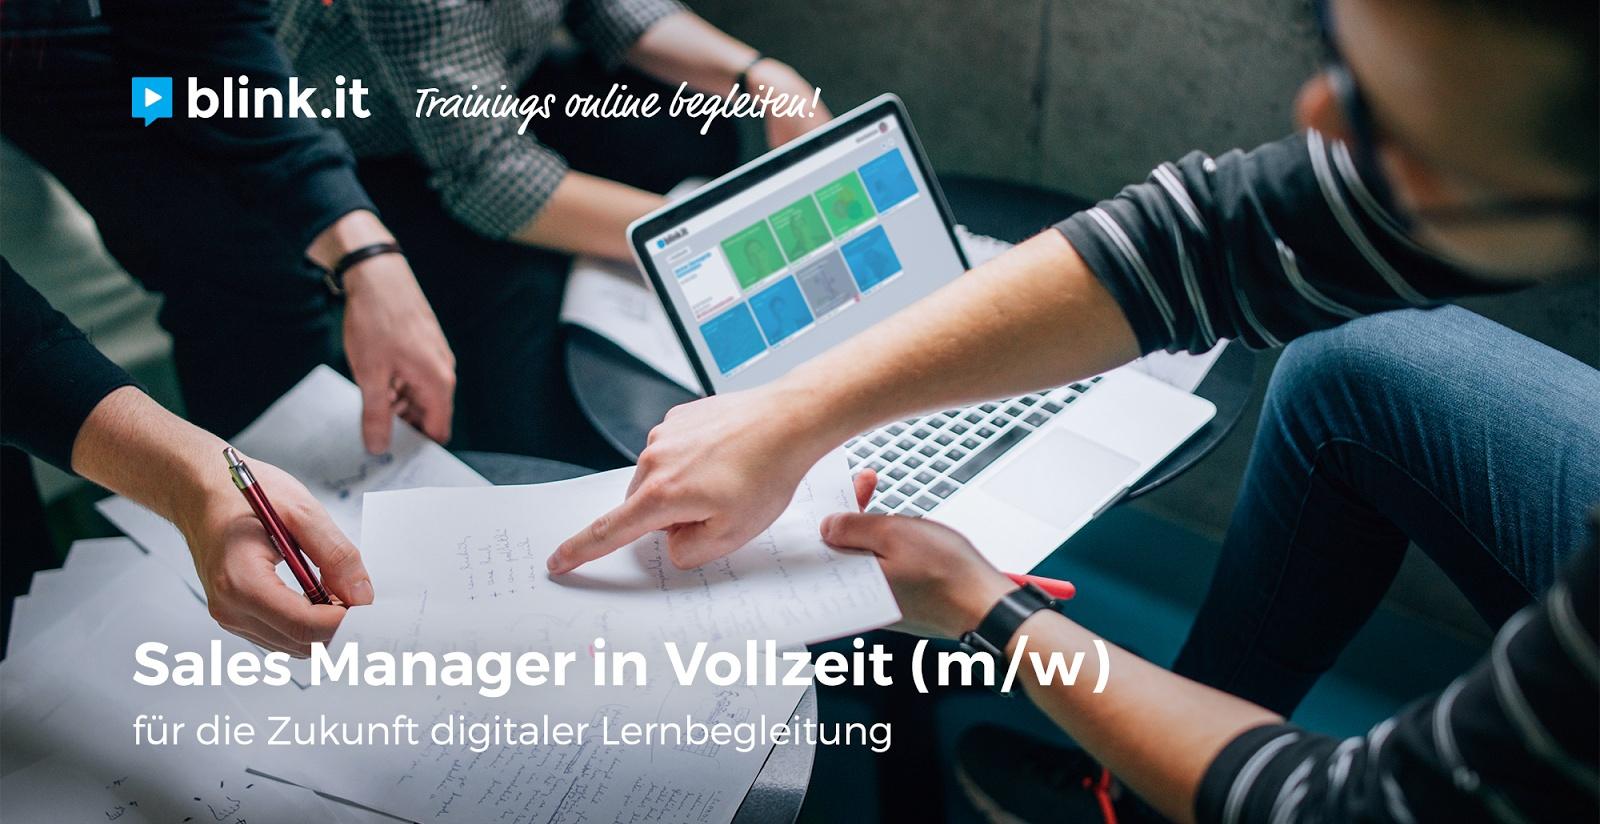 Sales Manager in Vollzeit (m/w)